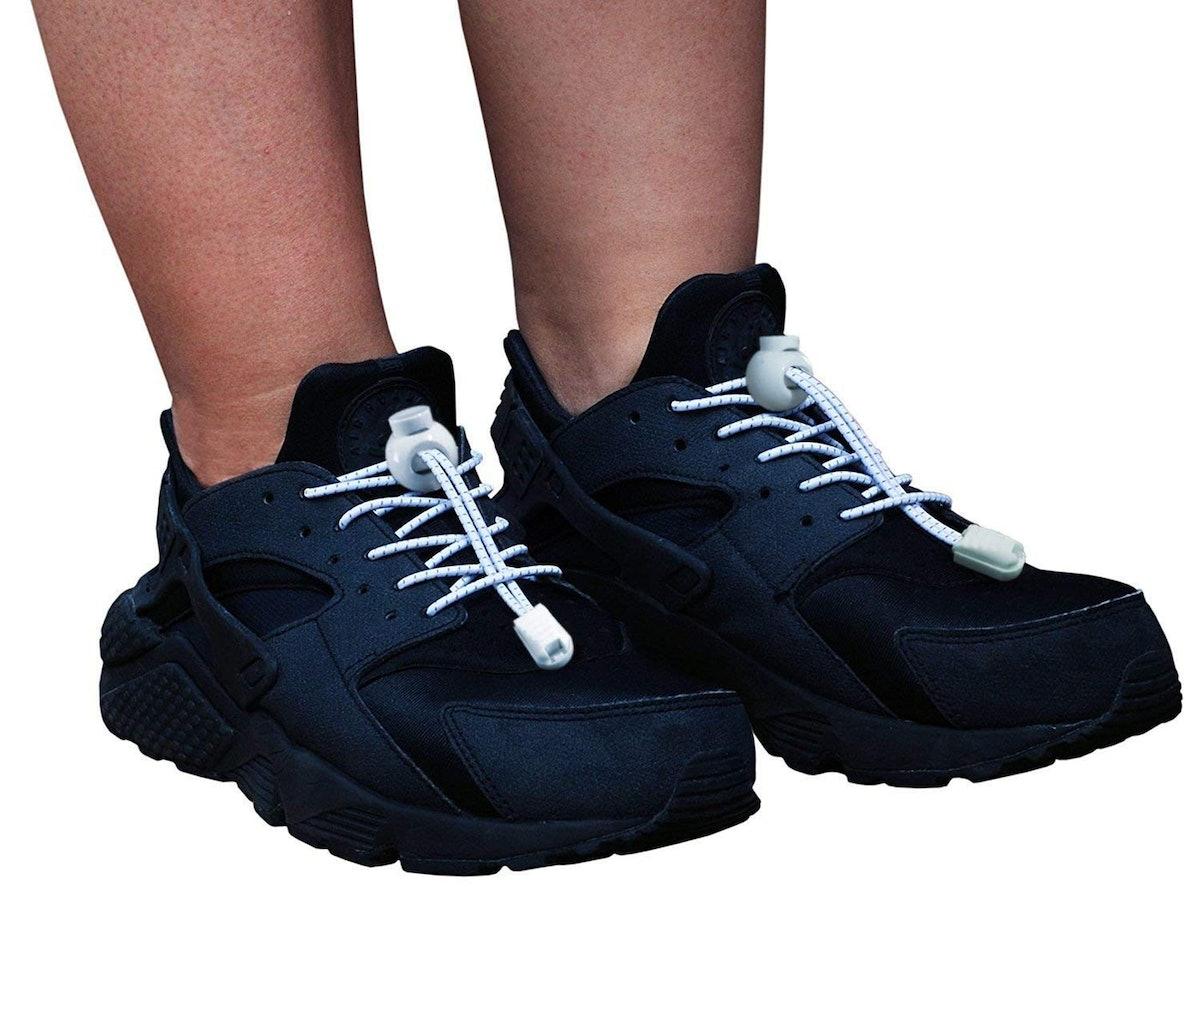 Qi Laces No Tie Shoelaces